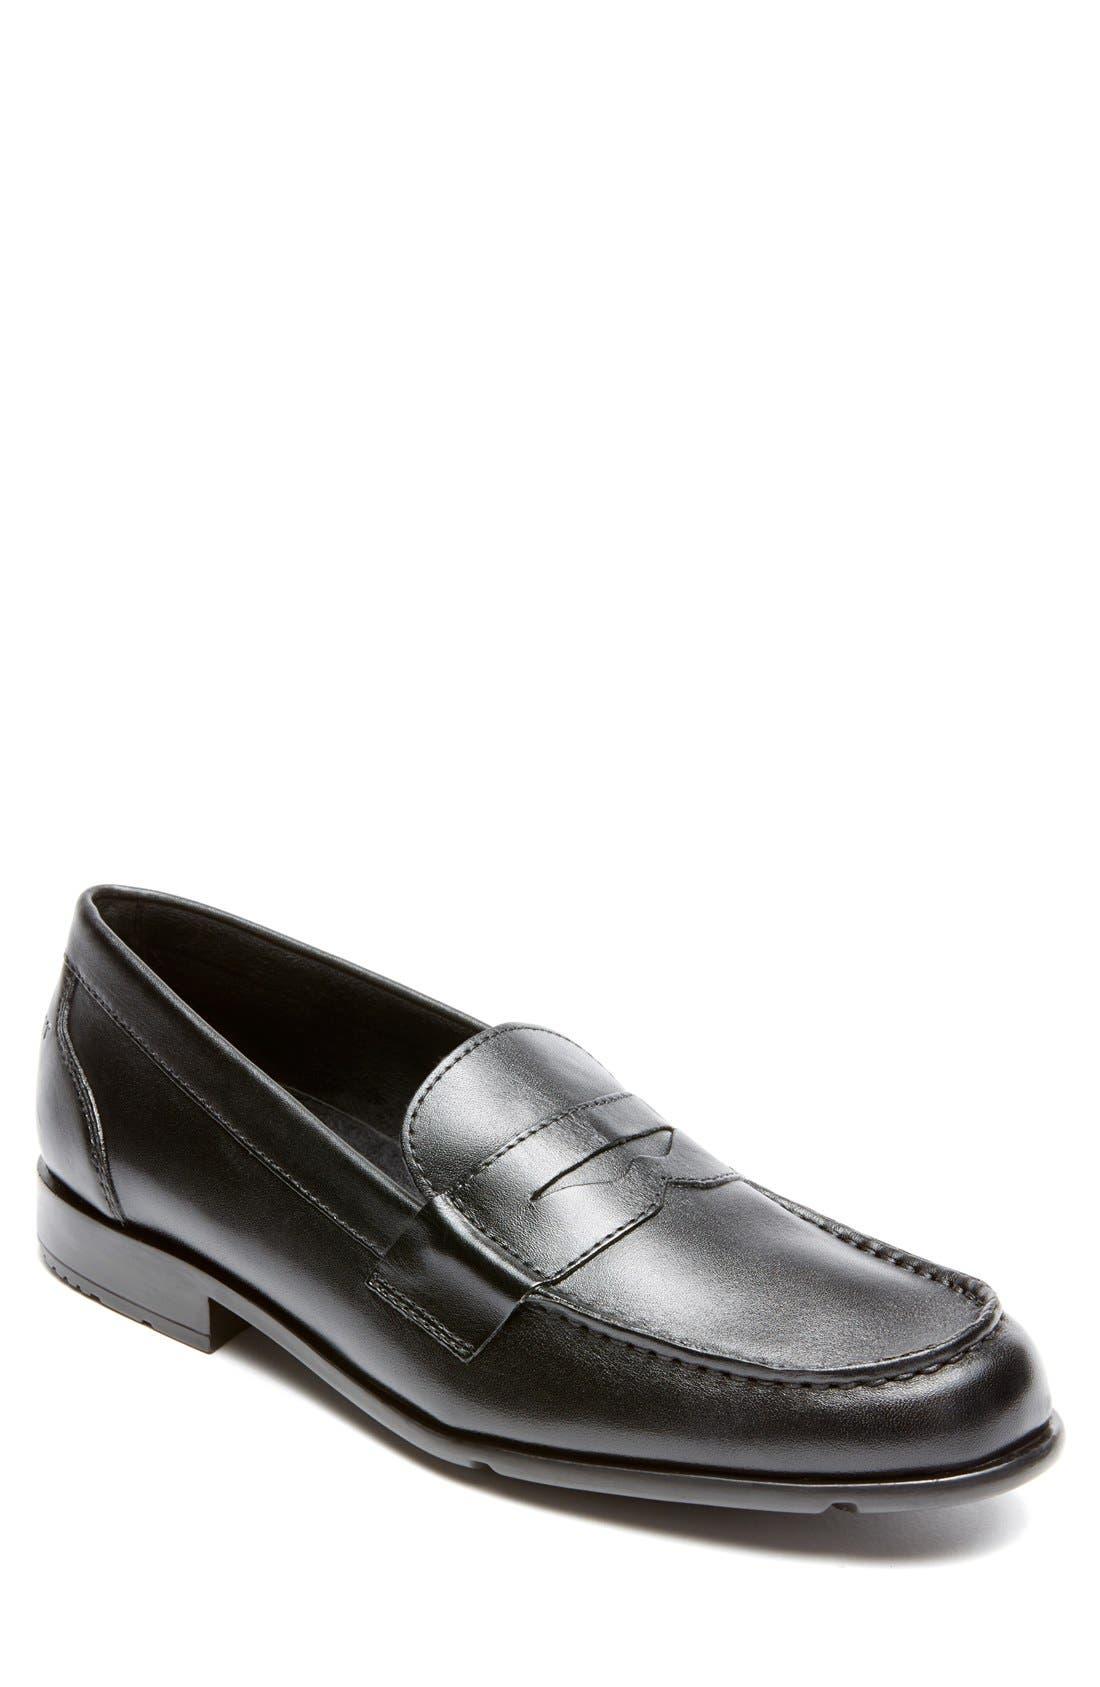 Main Image - Rockport Leather Penny Loafer (Men)